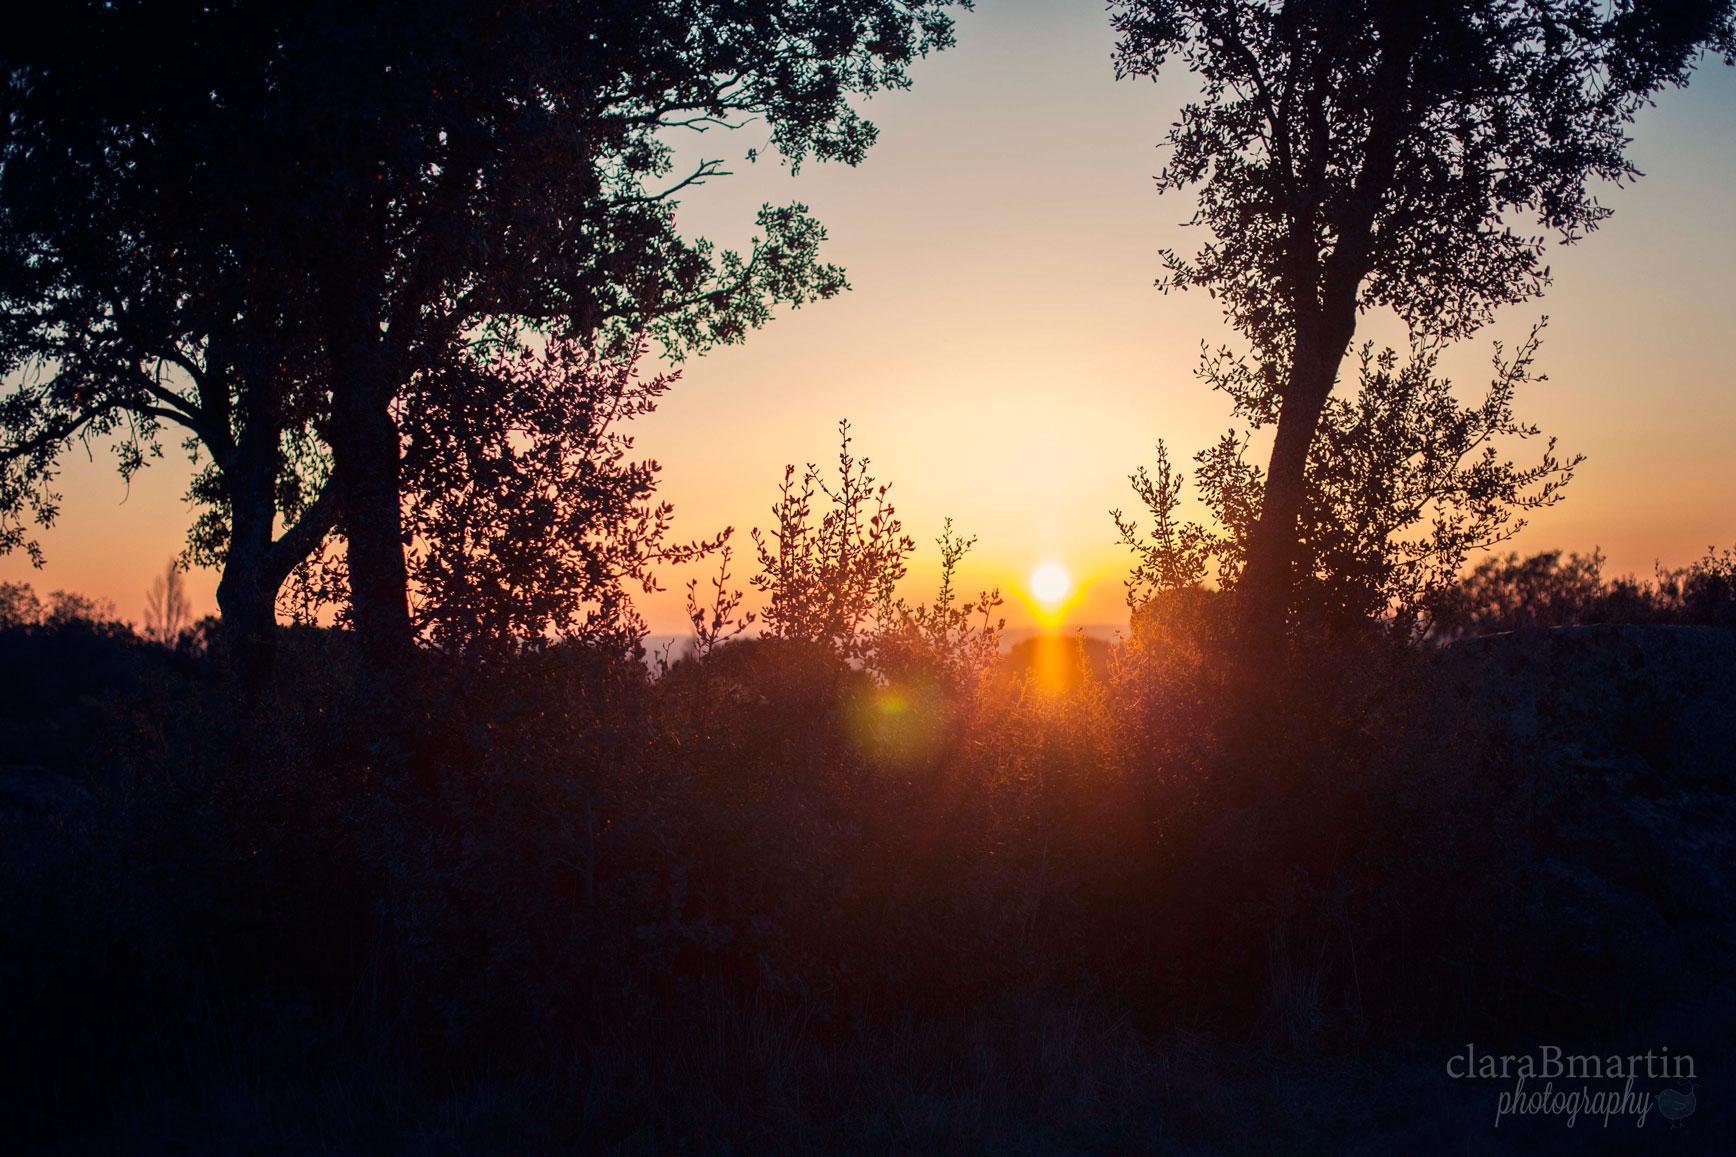 Despierta_fotoclaraBmartin14